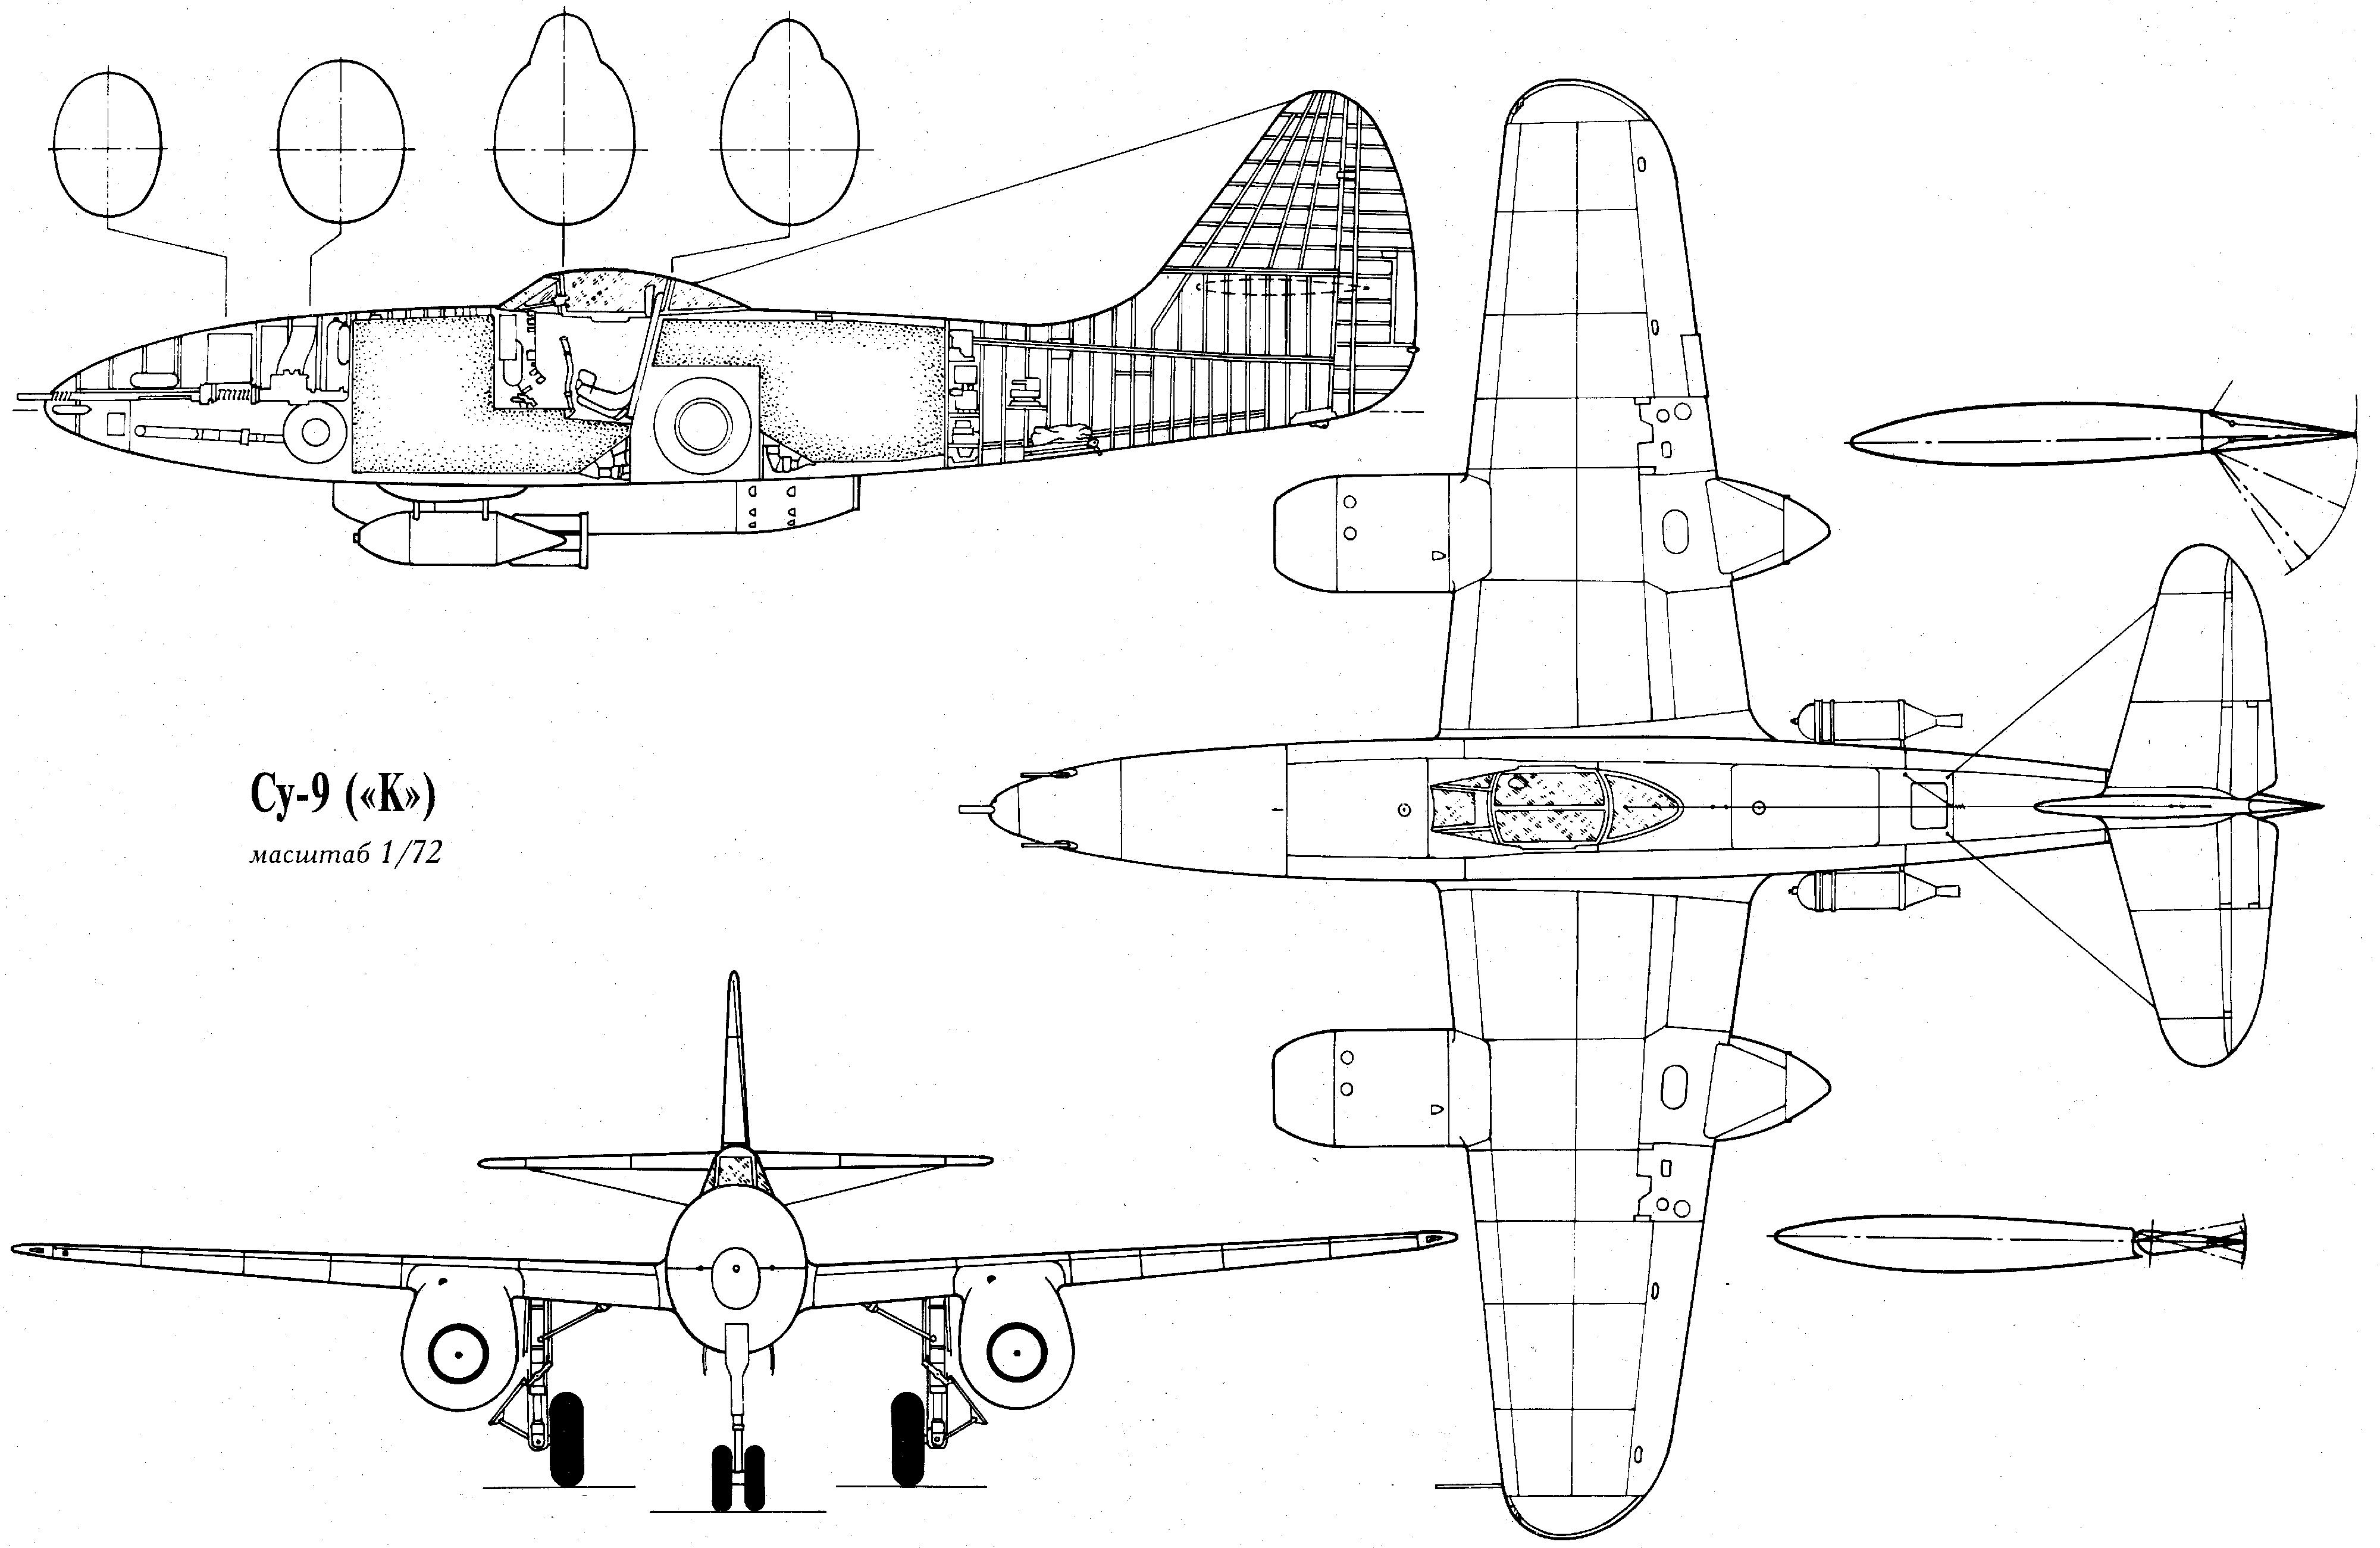 Su-9 blueprint